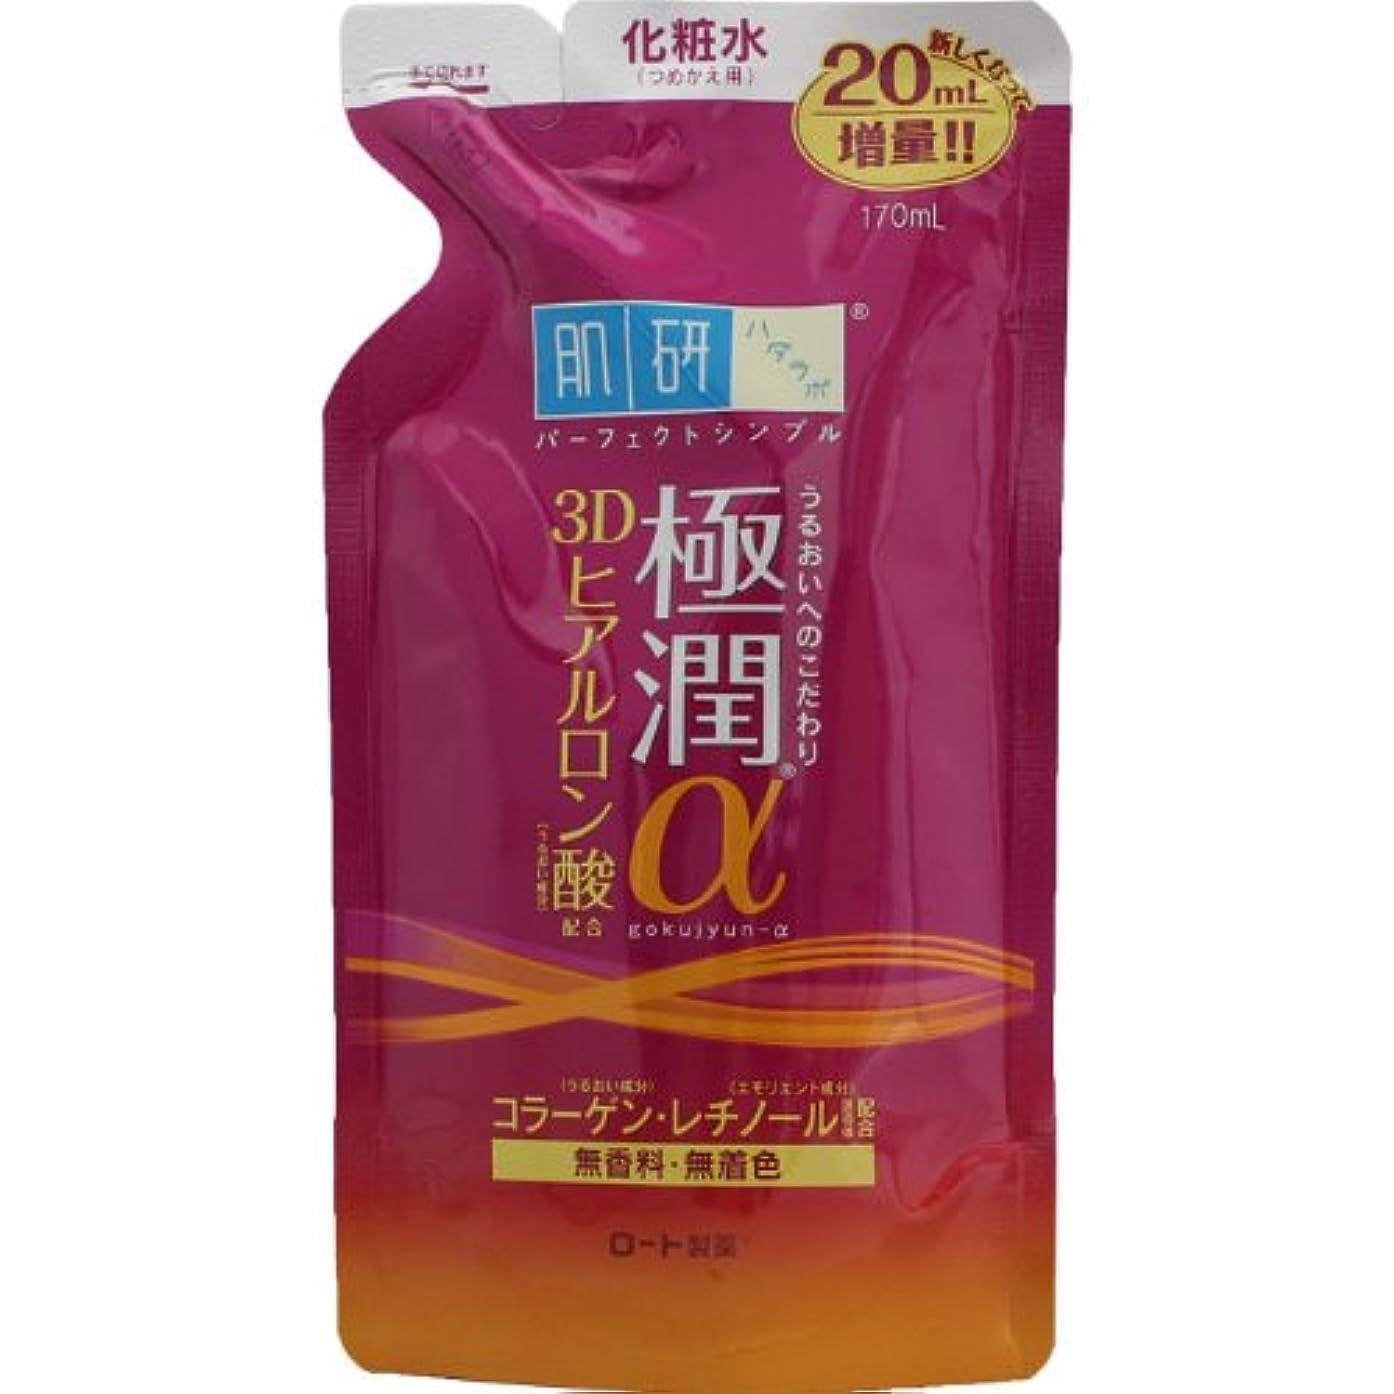 モスクあそこ元の肌研(ハダラボ) 極潤 α化粧水 (つめかえ用) 170mL